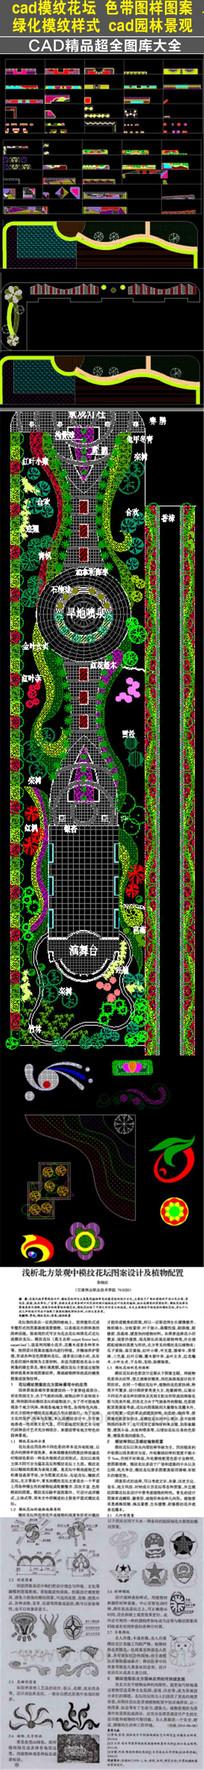 cad模纹花坛色带图样图案园林景观